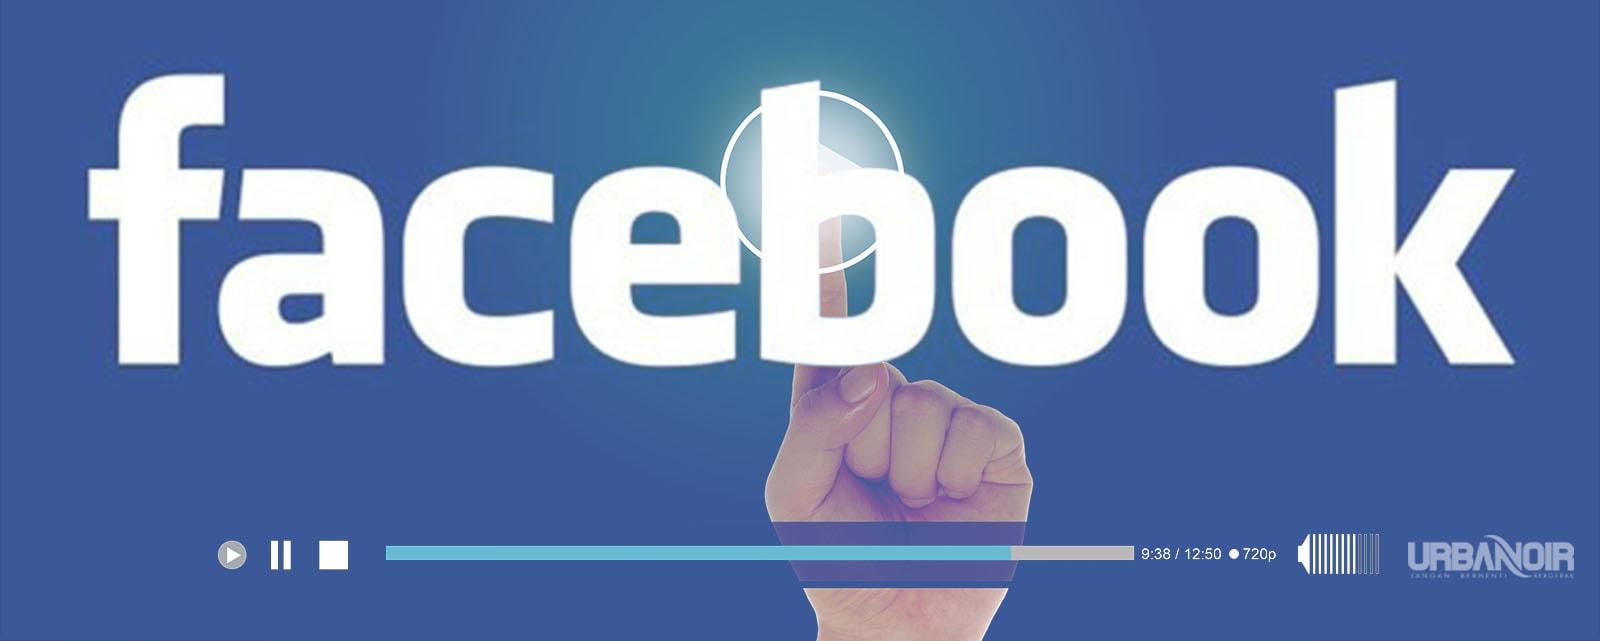 facebook-video-download_esyrwj Cara Mudah dan Cepat Download Video Facebook tanpa software Facebook Social Media Tips & Trik